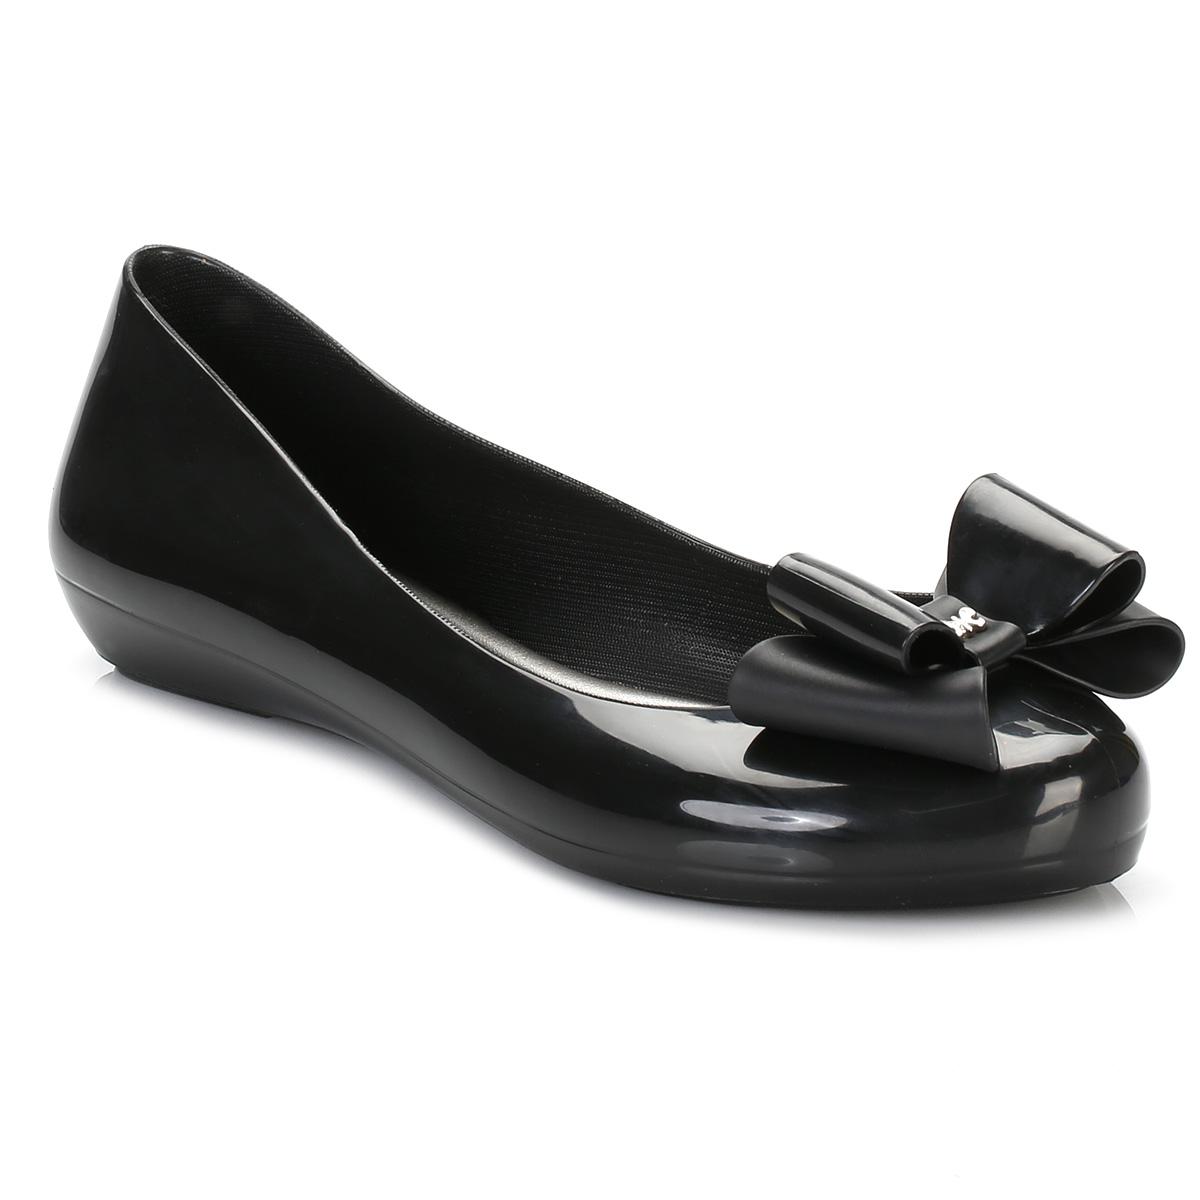 Black Bow Shoes Uk